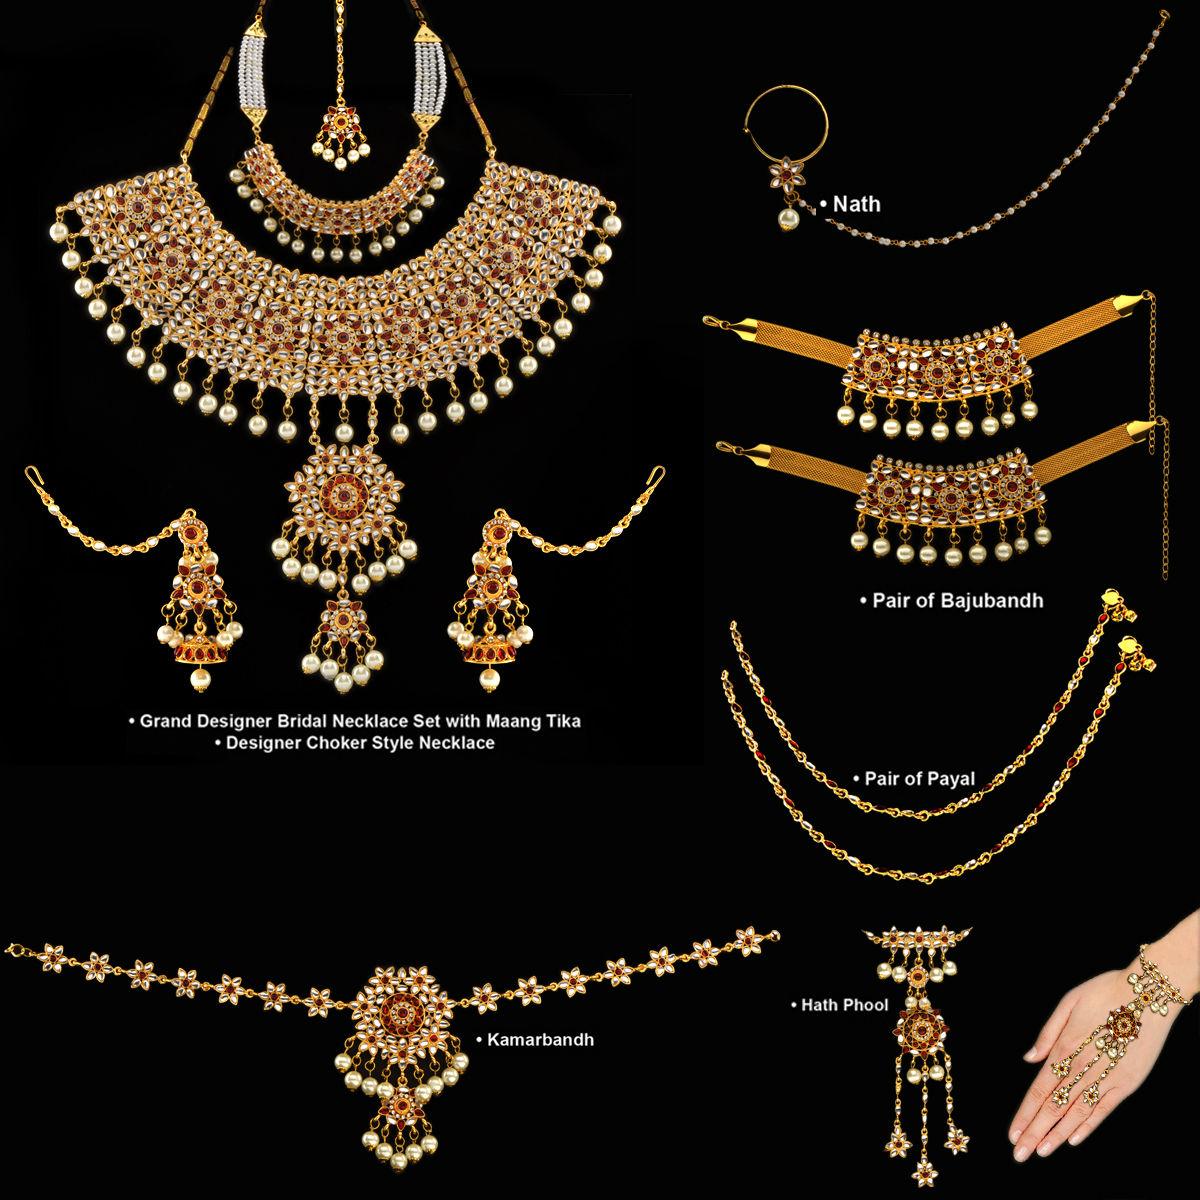 Soukhin online jewellery shop